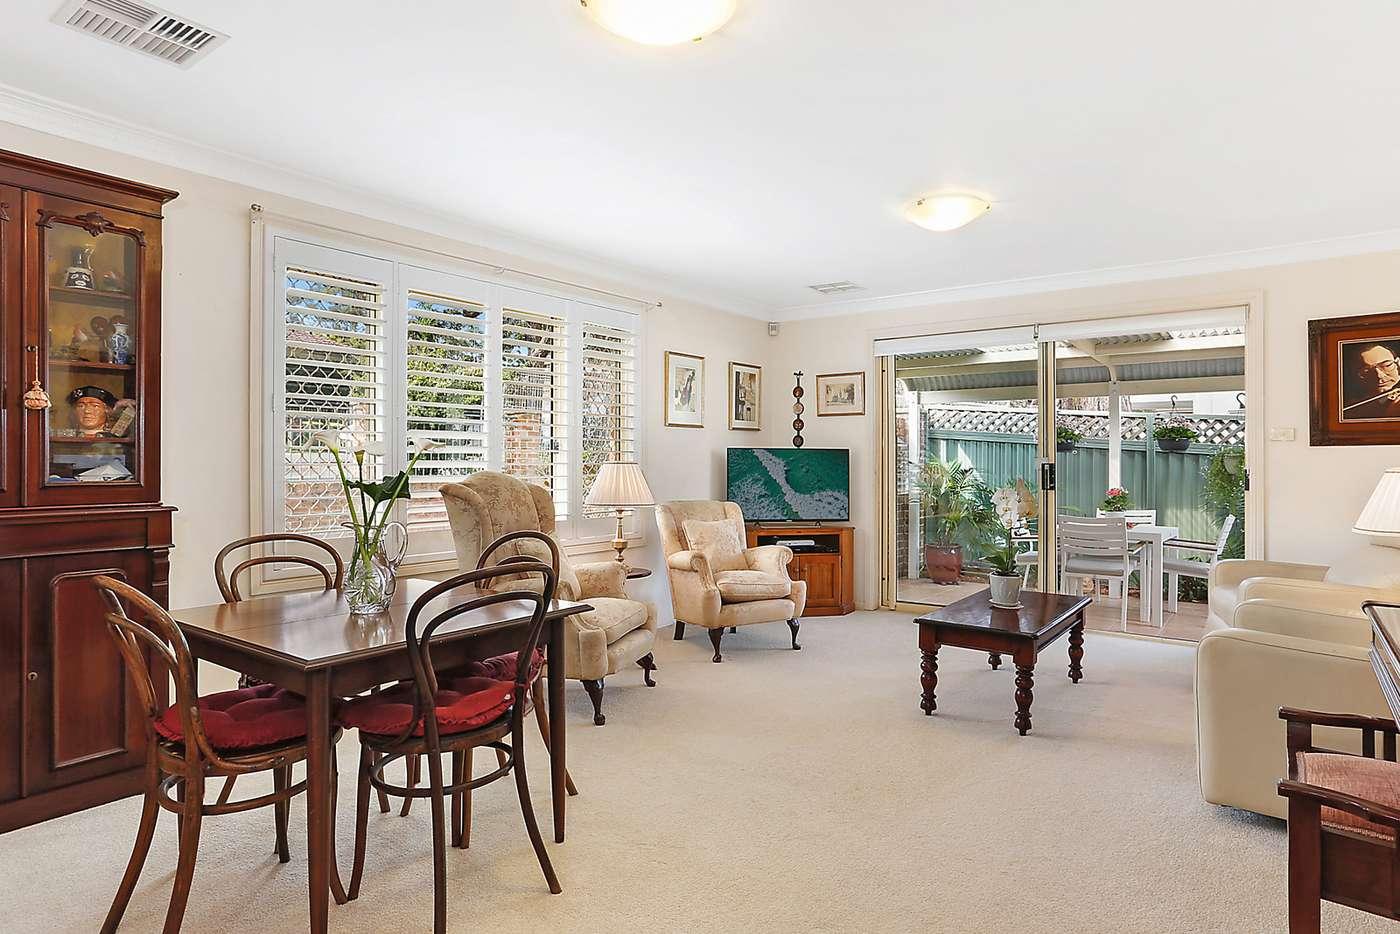 Main view of Homely villa listing, 1/148 Karimbla Road, Miranda NSW 2228